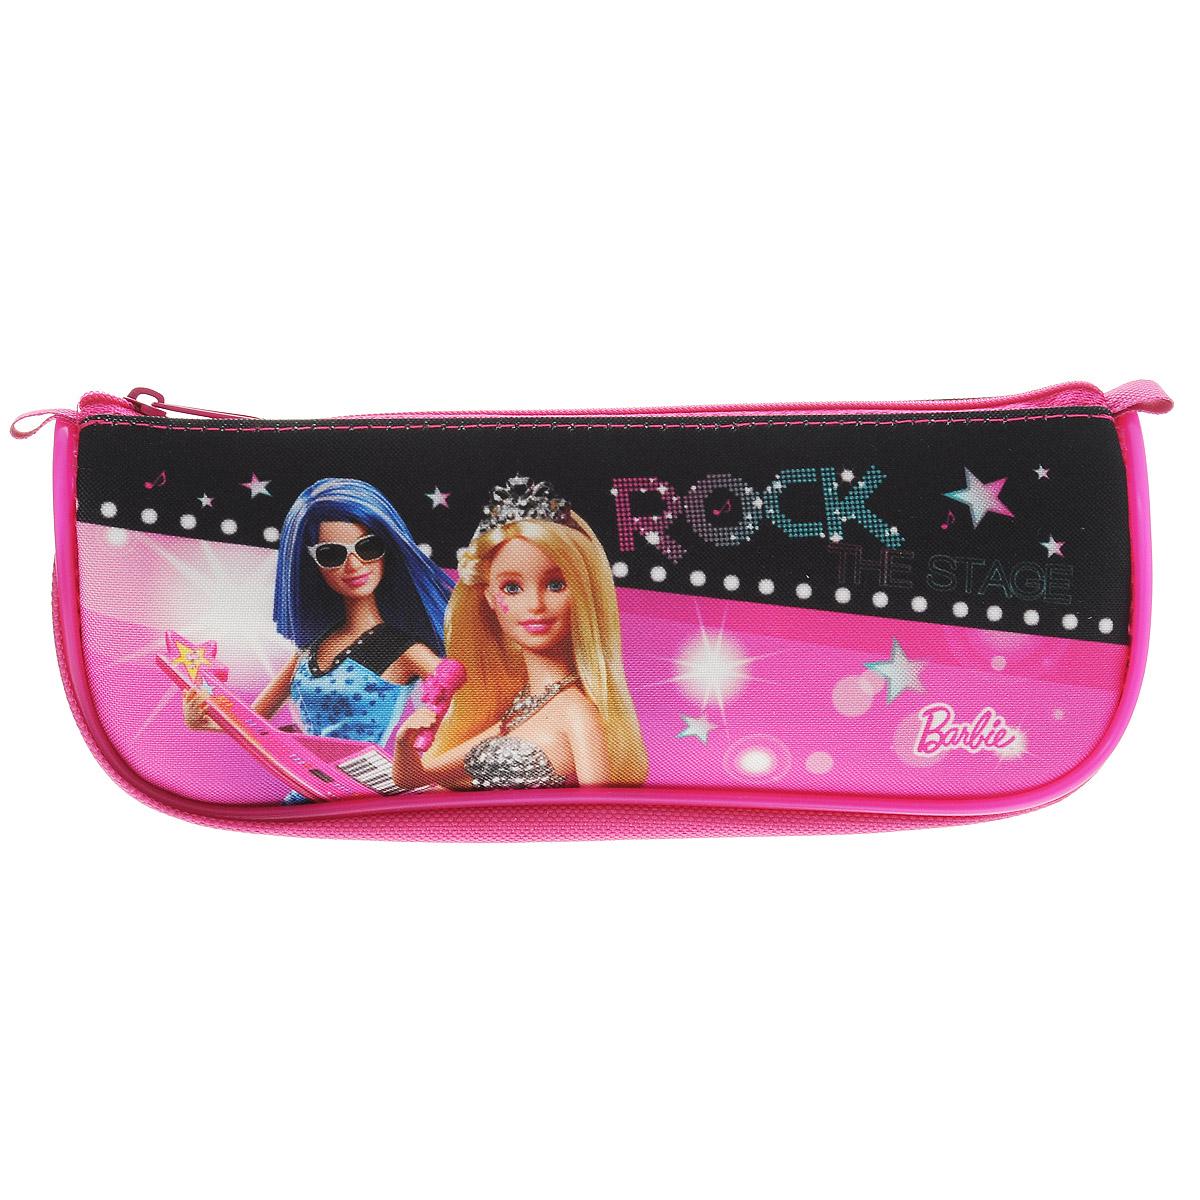 Пенал Hatber мягкий на молнии-БАРБИ- (Barbie), розовыйNpk_02786_розовыйУдобный пенал для школьных канцелярских принадлежностей. Пеналимеет одно отделение и надежную застежку-молнию.